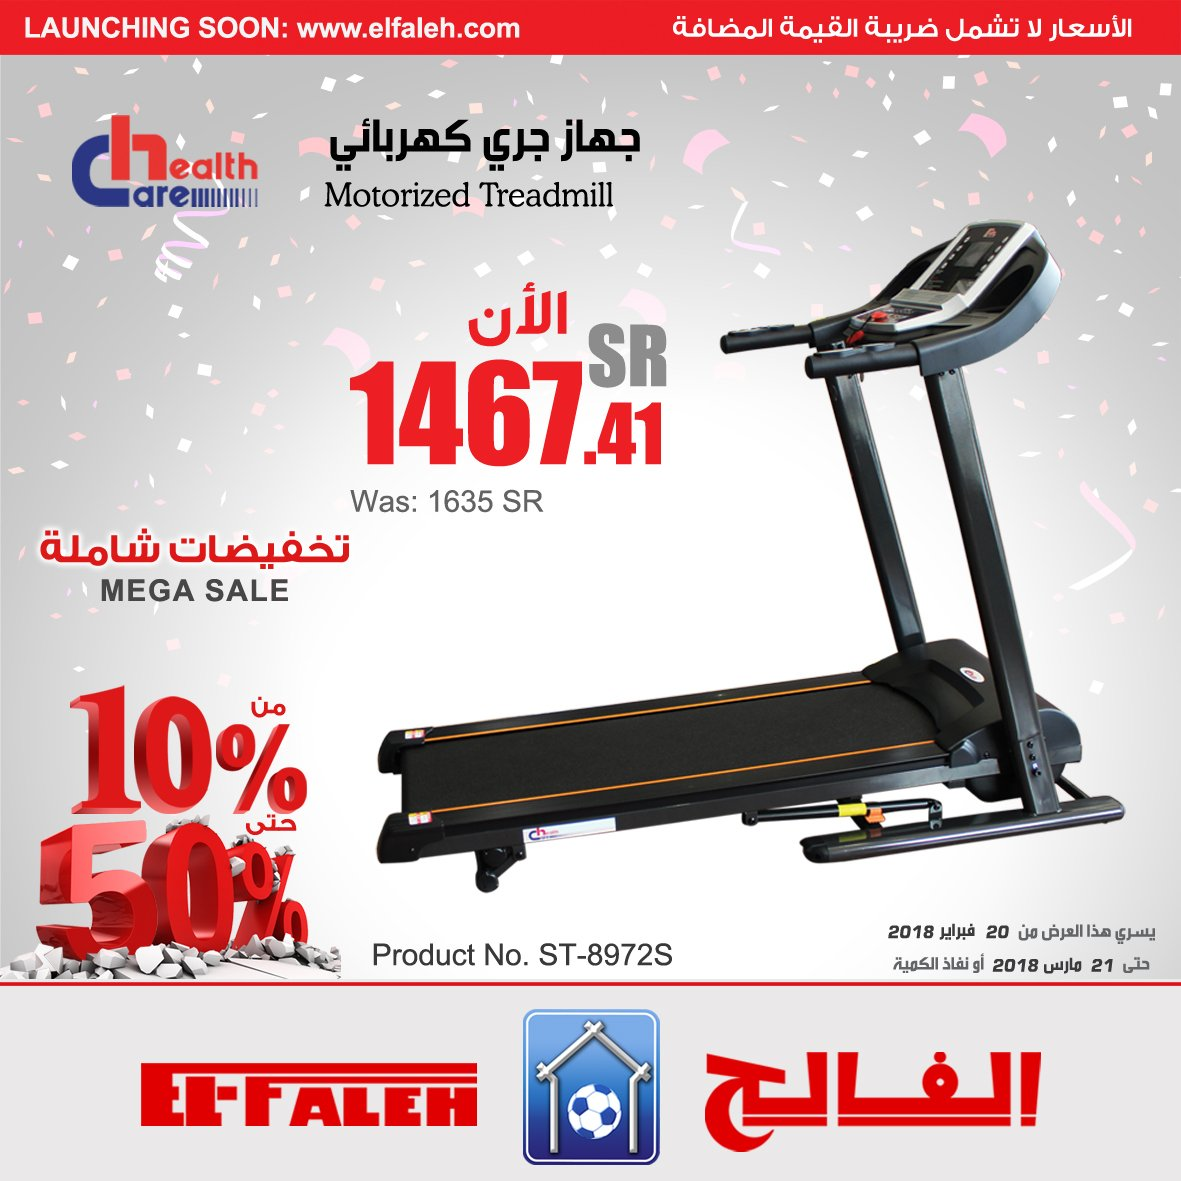 بيت الرياضة الفالح On Twitter سيتم تفعيل خدمة البيع اون لاين خلال الأيام القليلة القادمة Hs